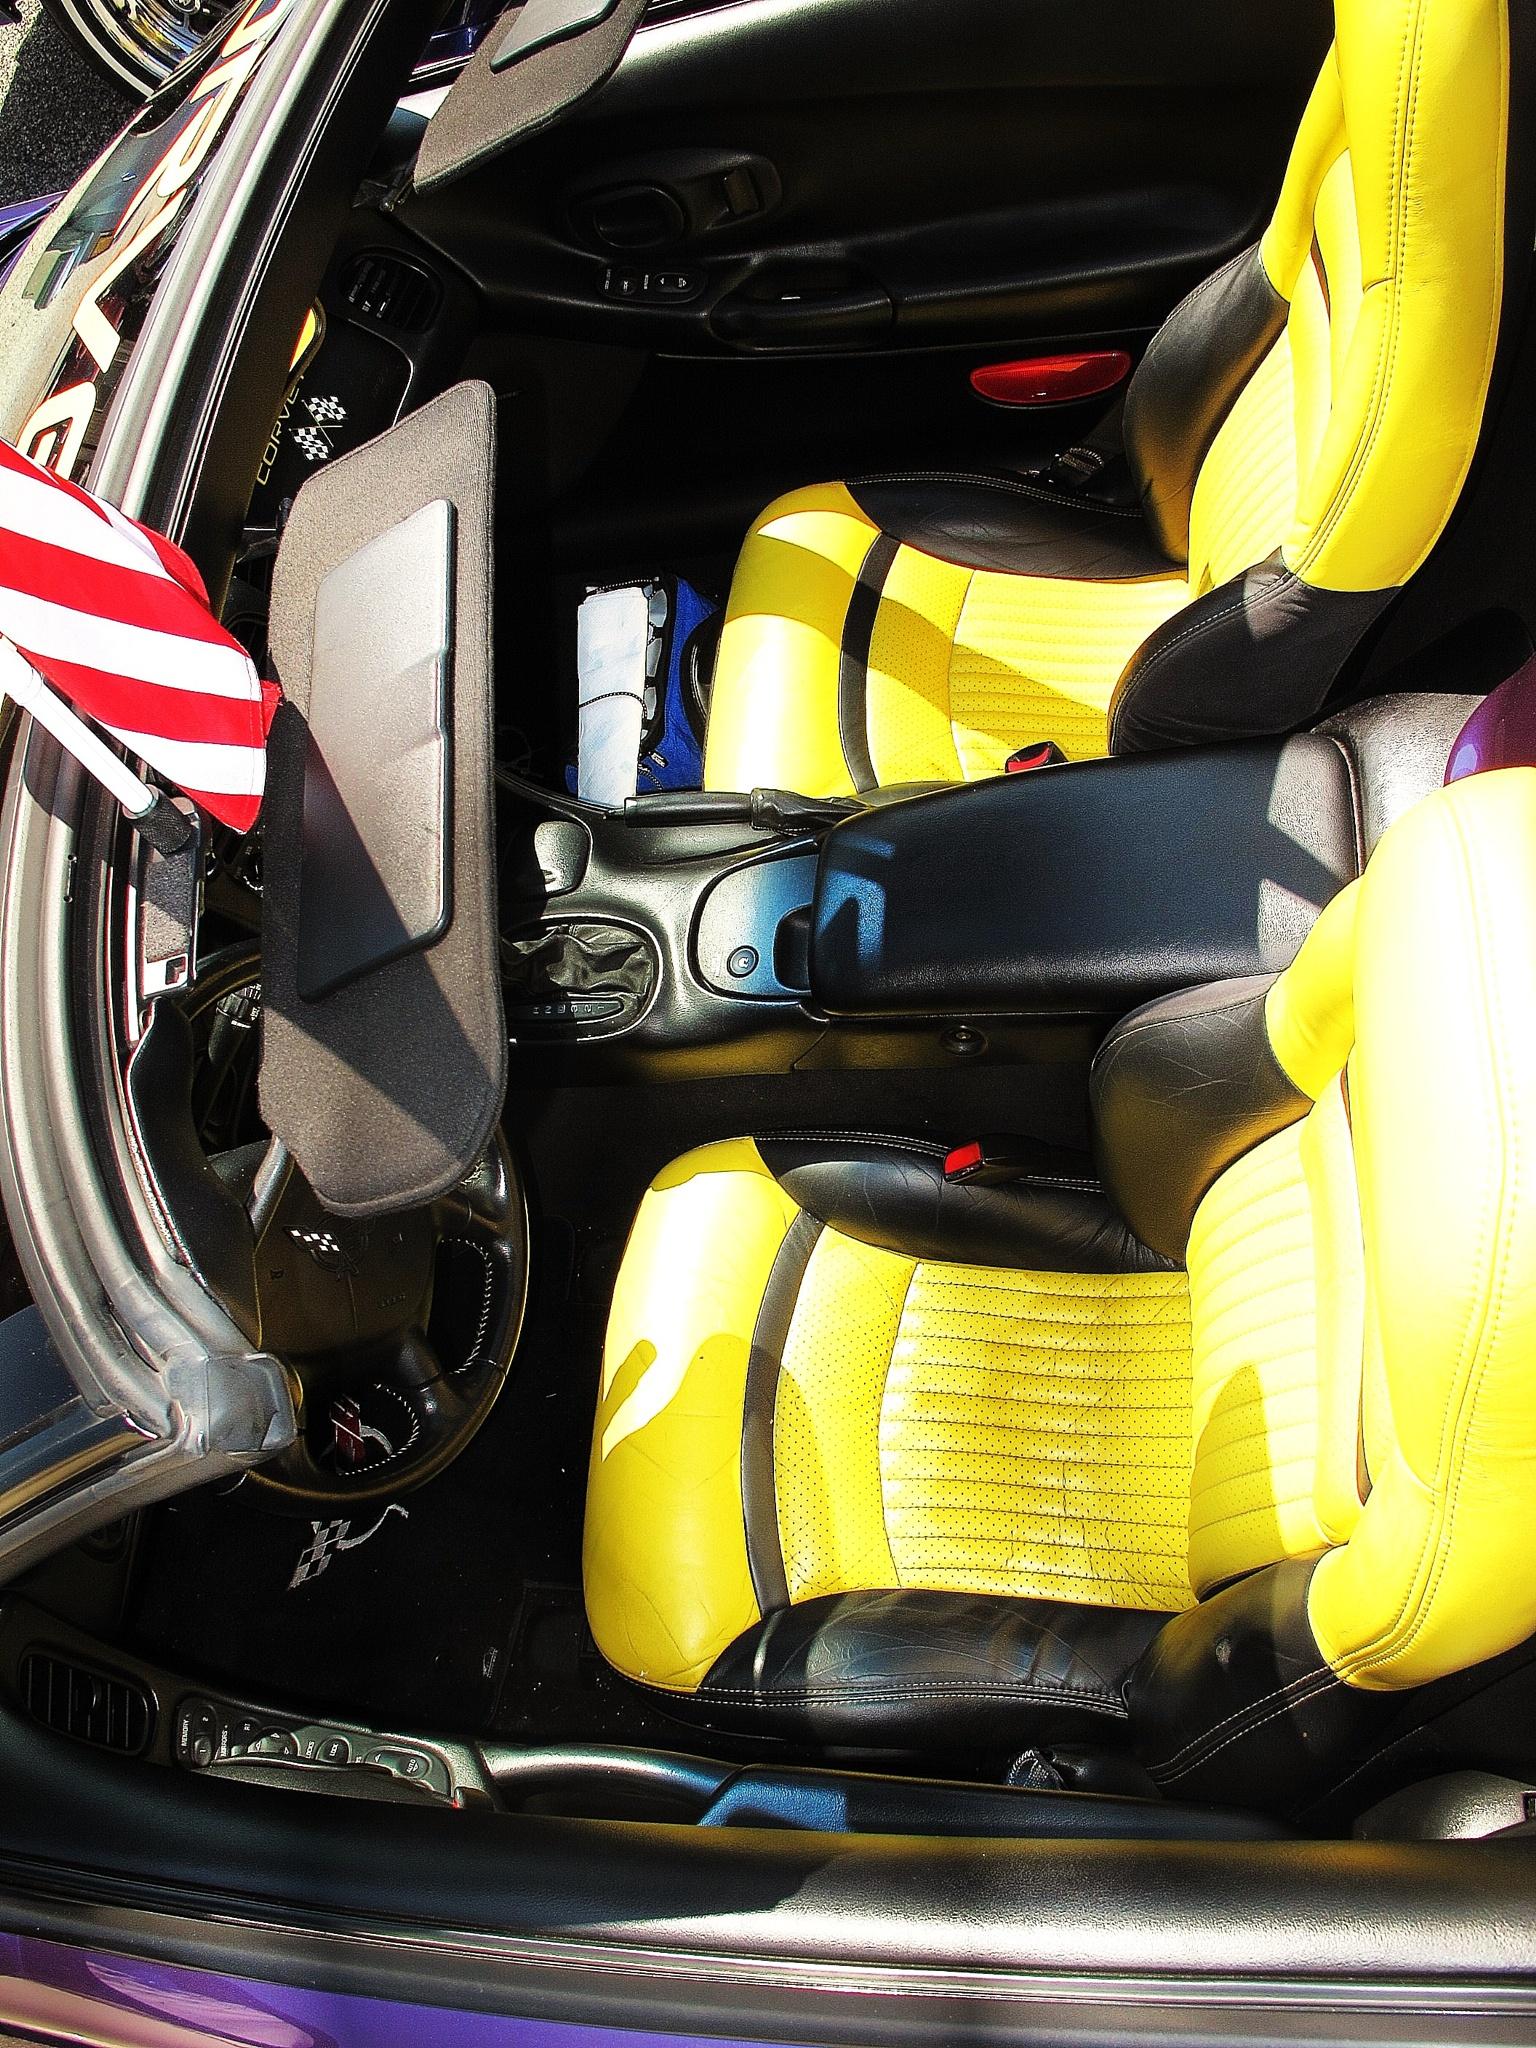 Yello Seats for corvette, by Liborio Drogo